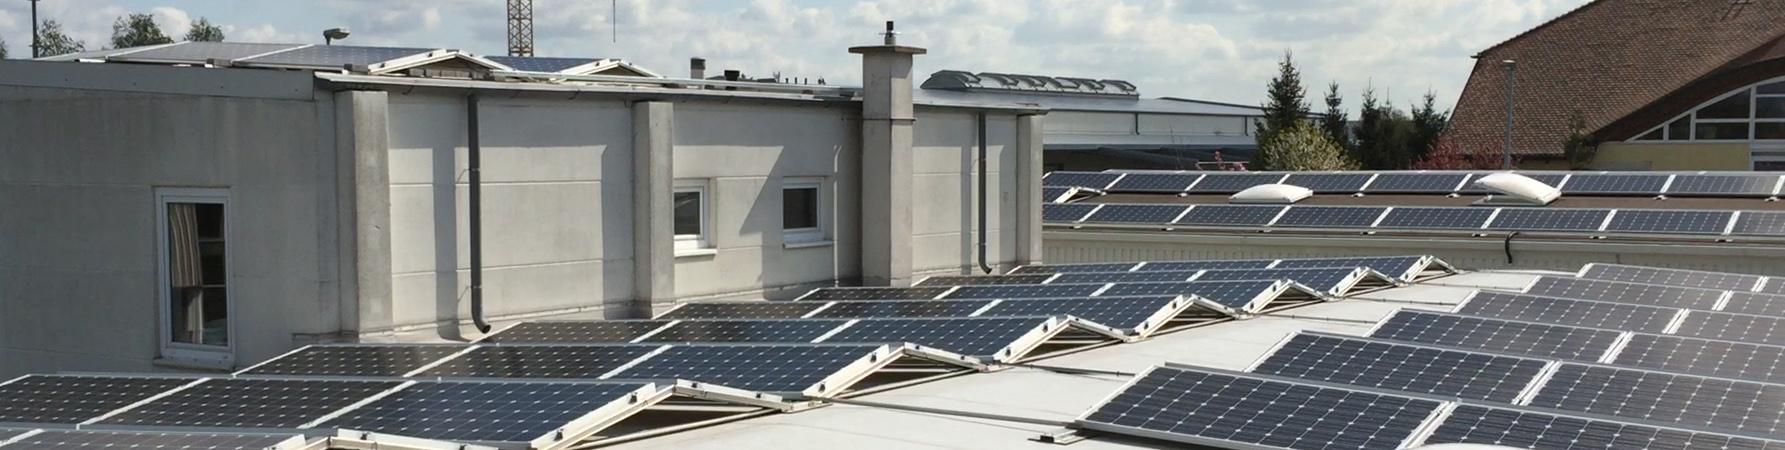 Solardach in Hoppegarten